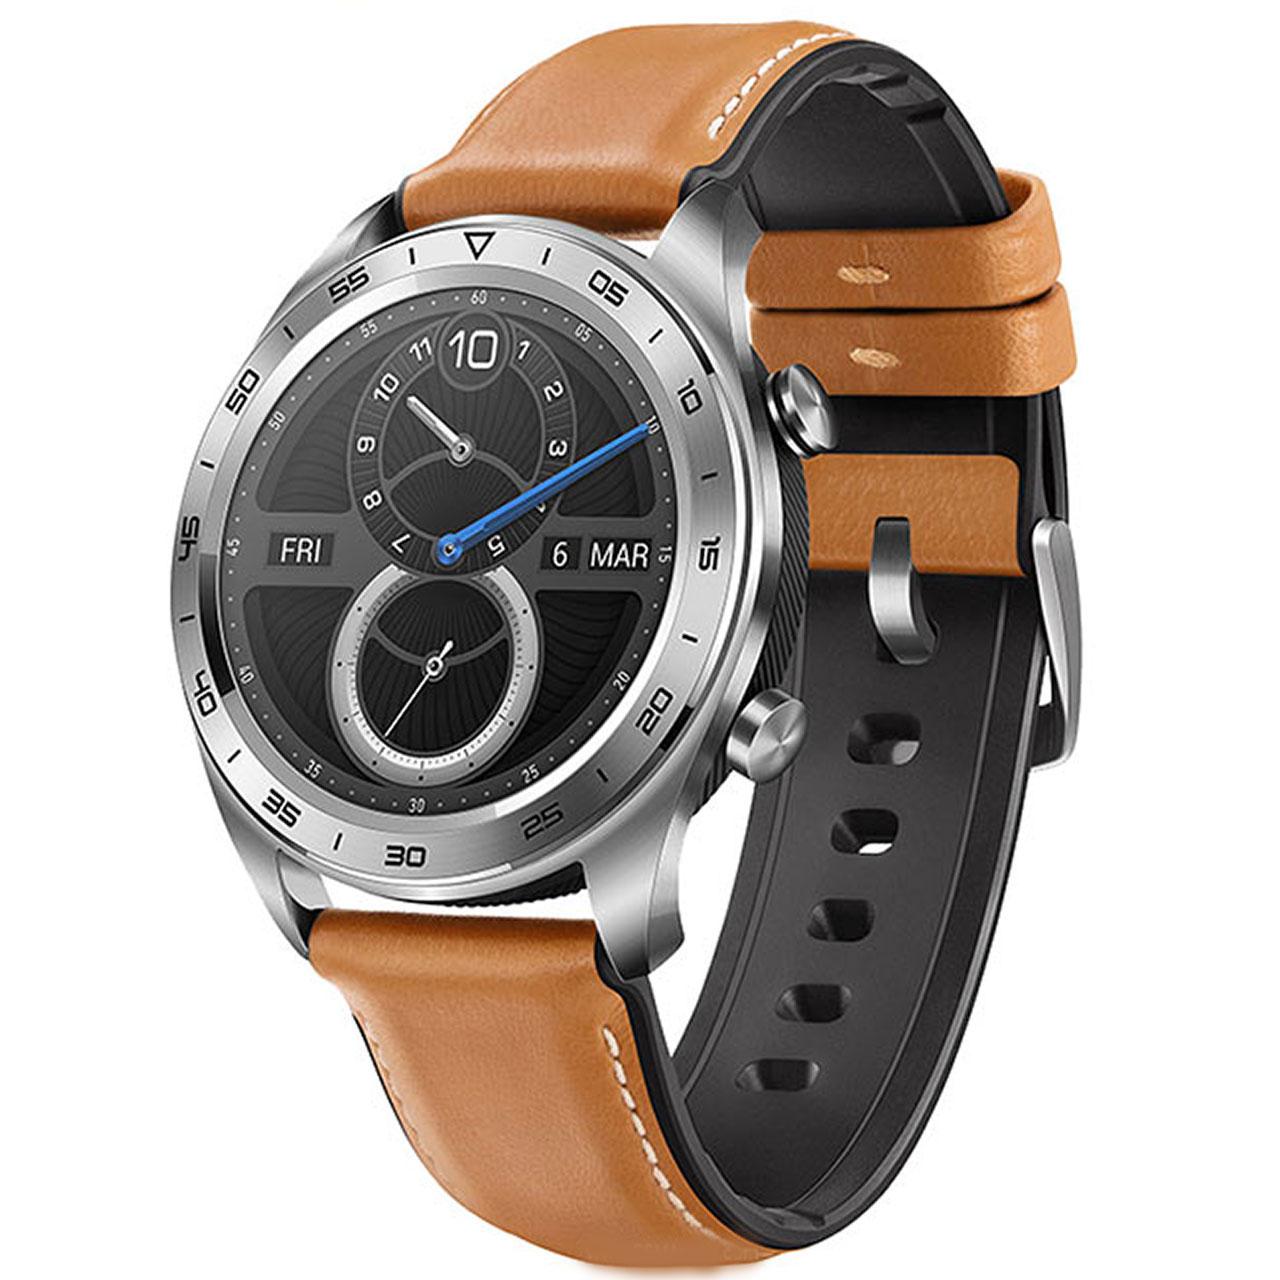 خرید ساعت هوشمند  آنر مدل Huawei honor magic